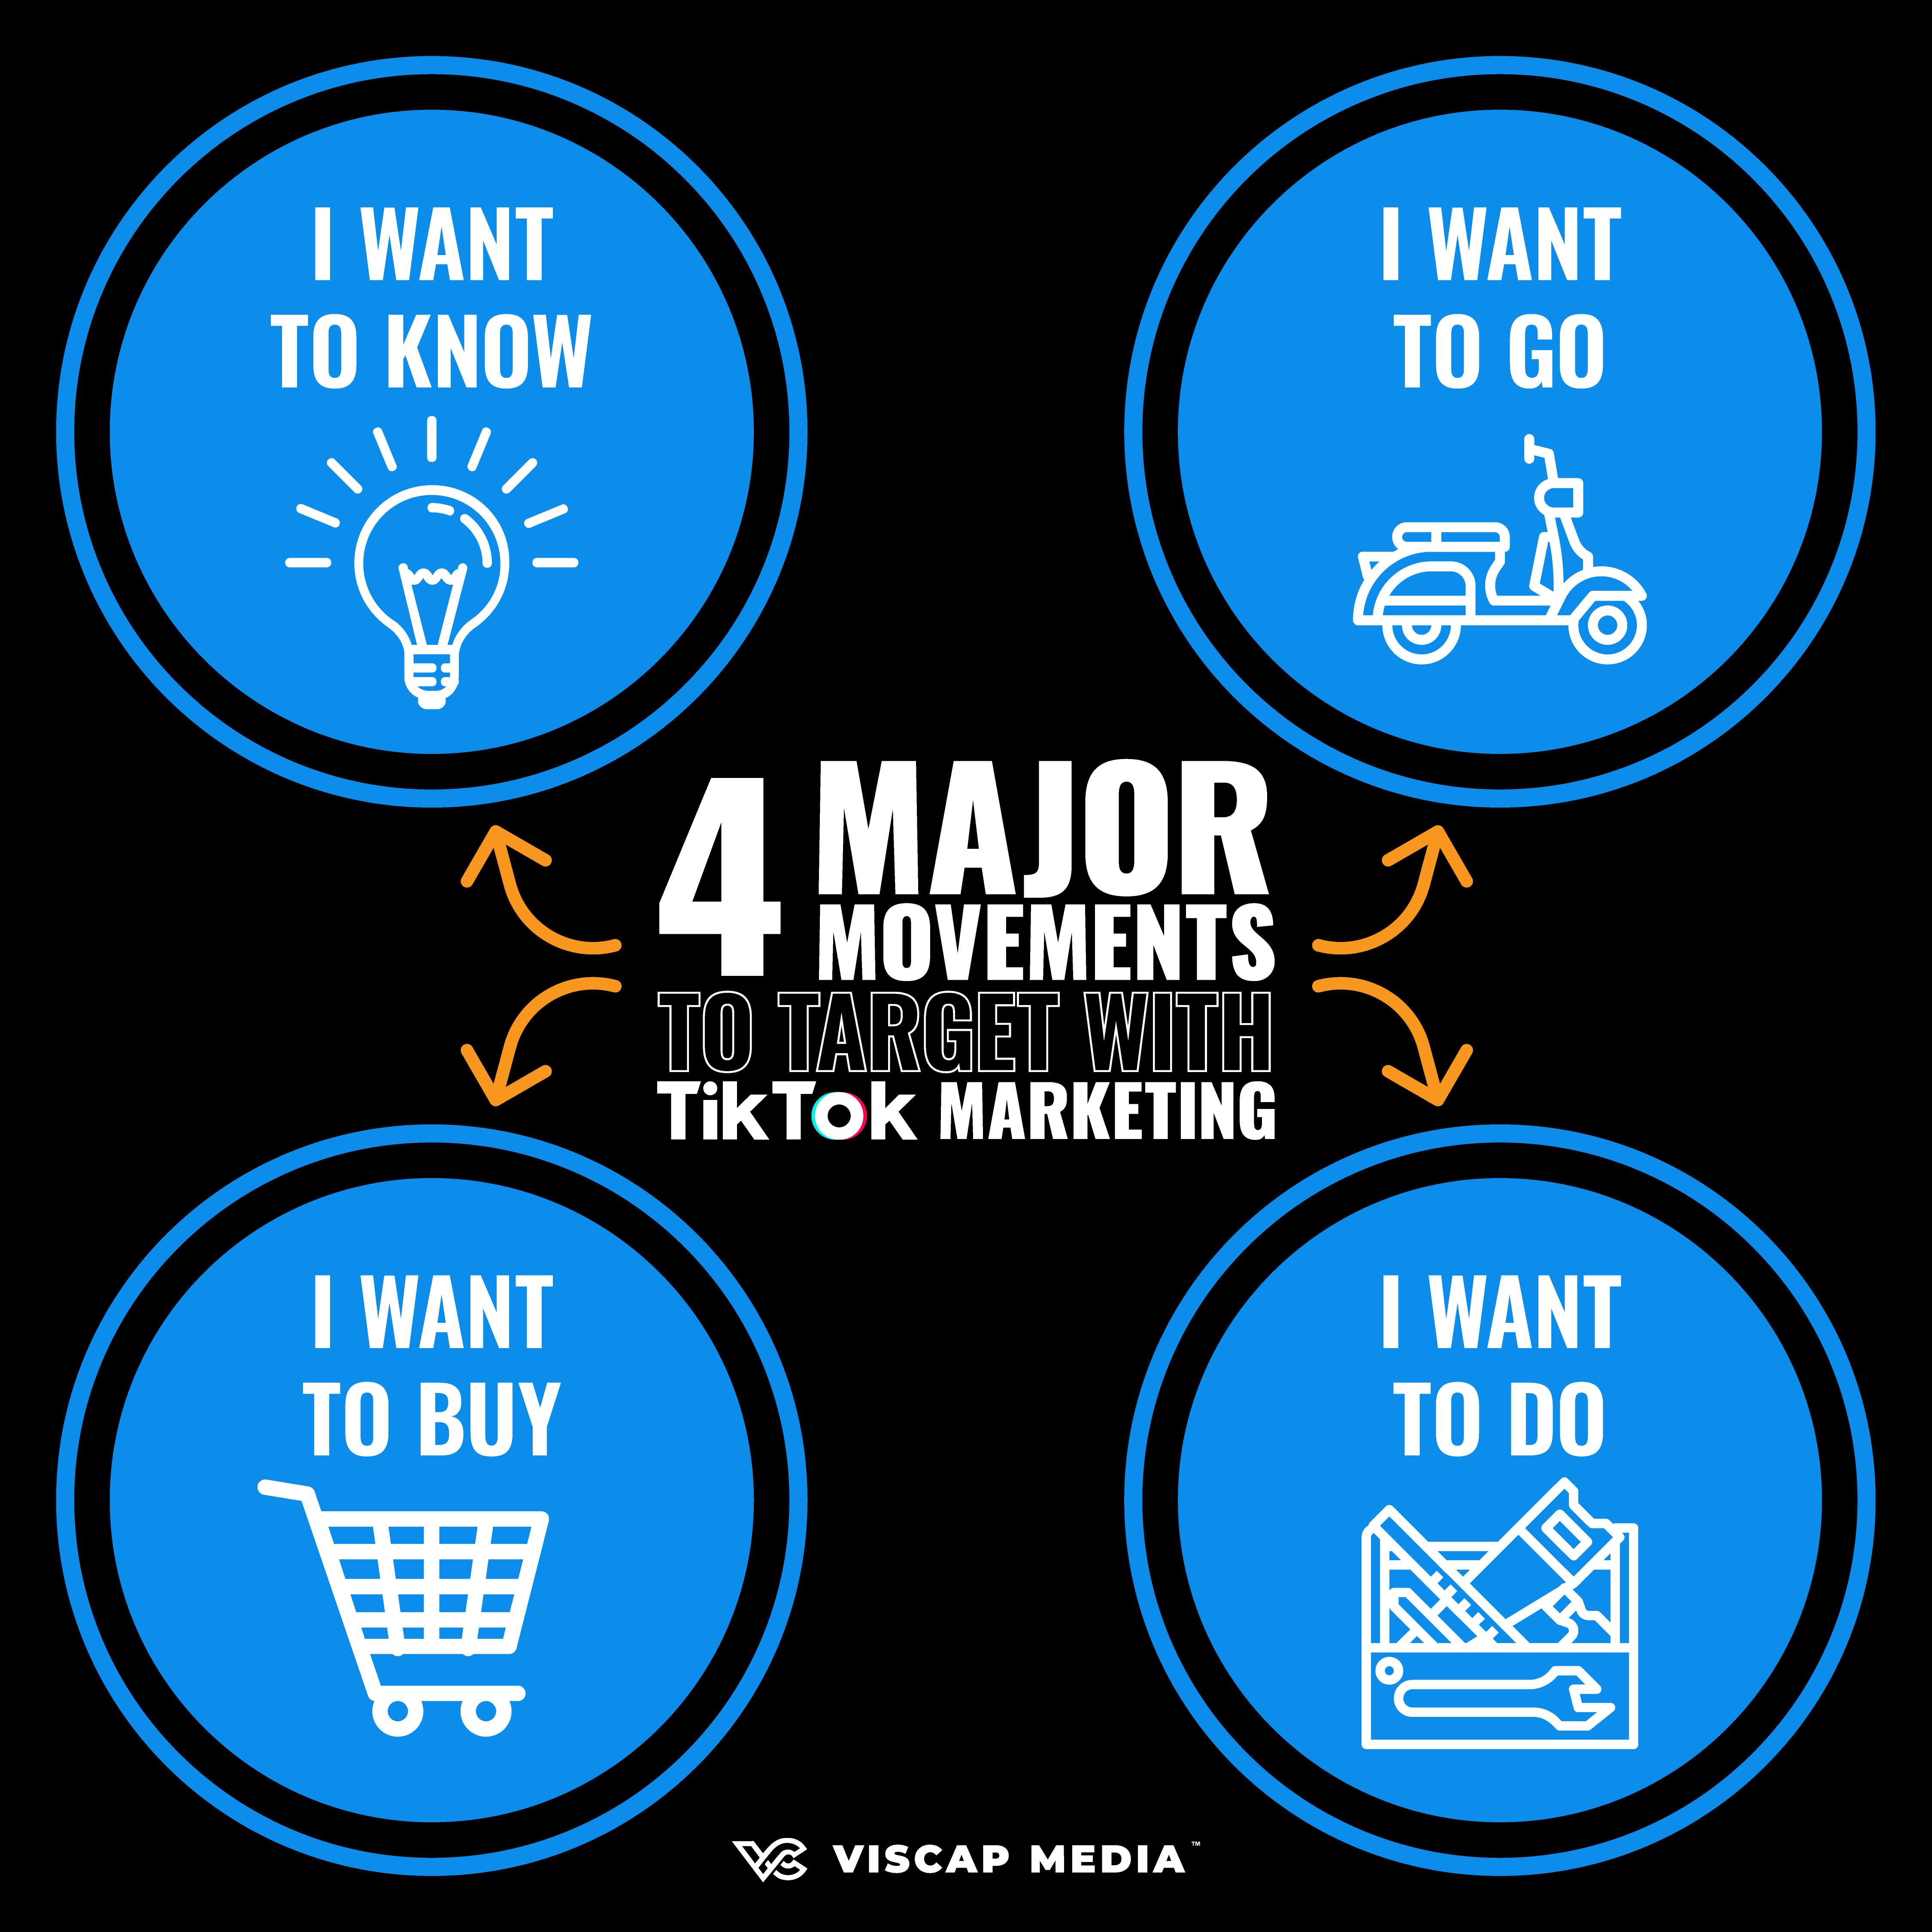 Content Ideas To Advertise On TikTok - 4 Major Movements TikTok